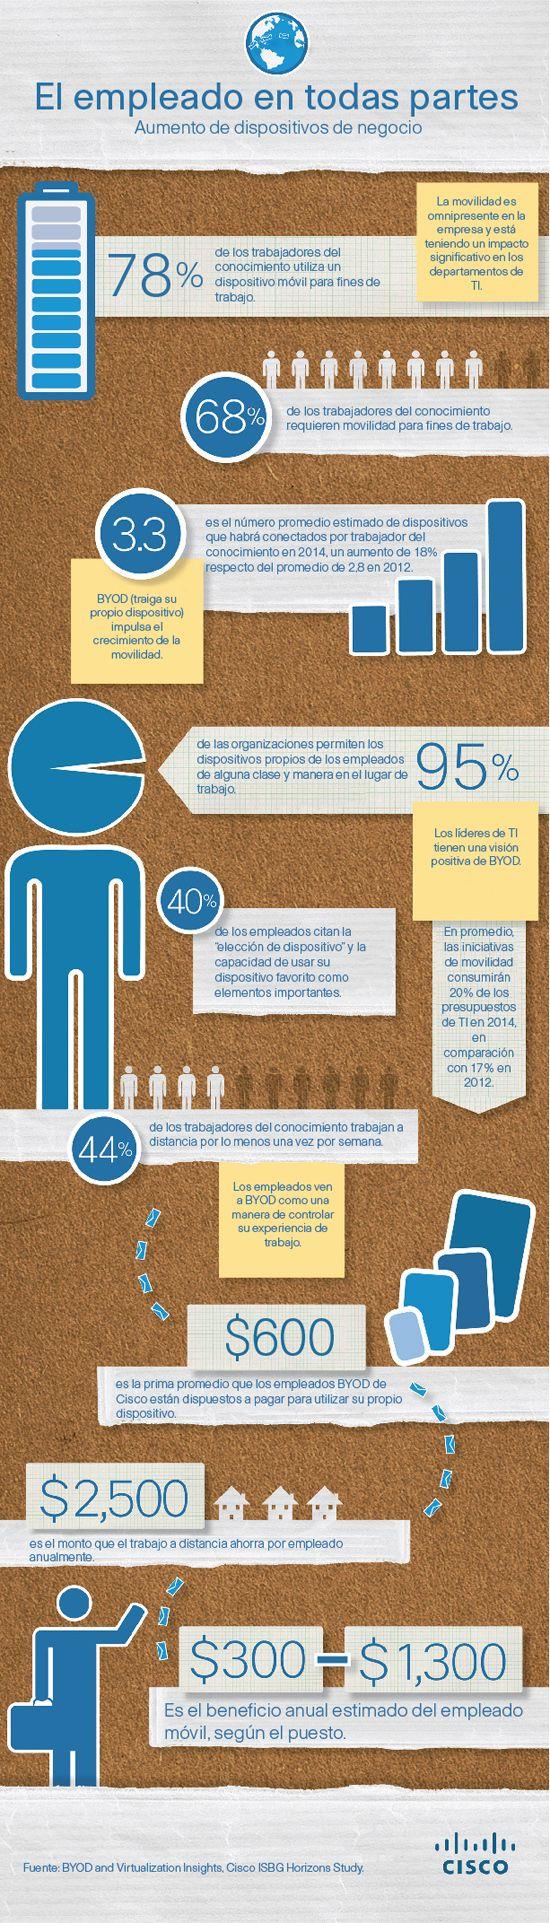 ¿Sabes lo que son los empleados #BYOD? #infografia